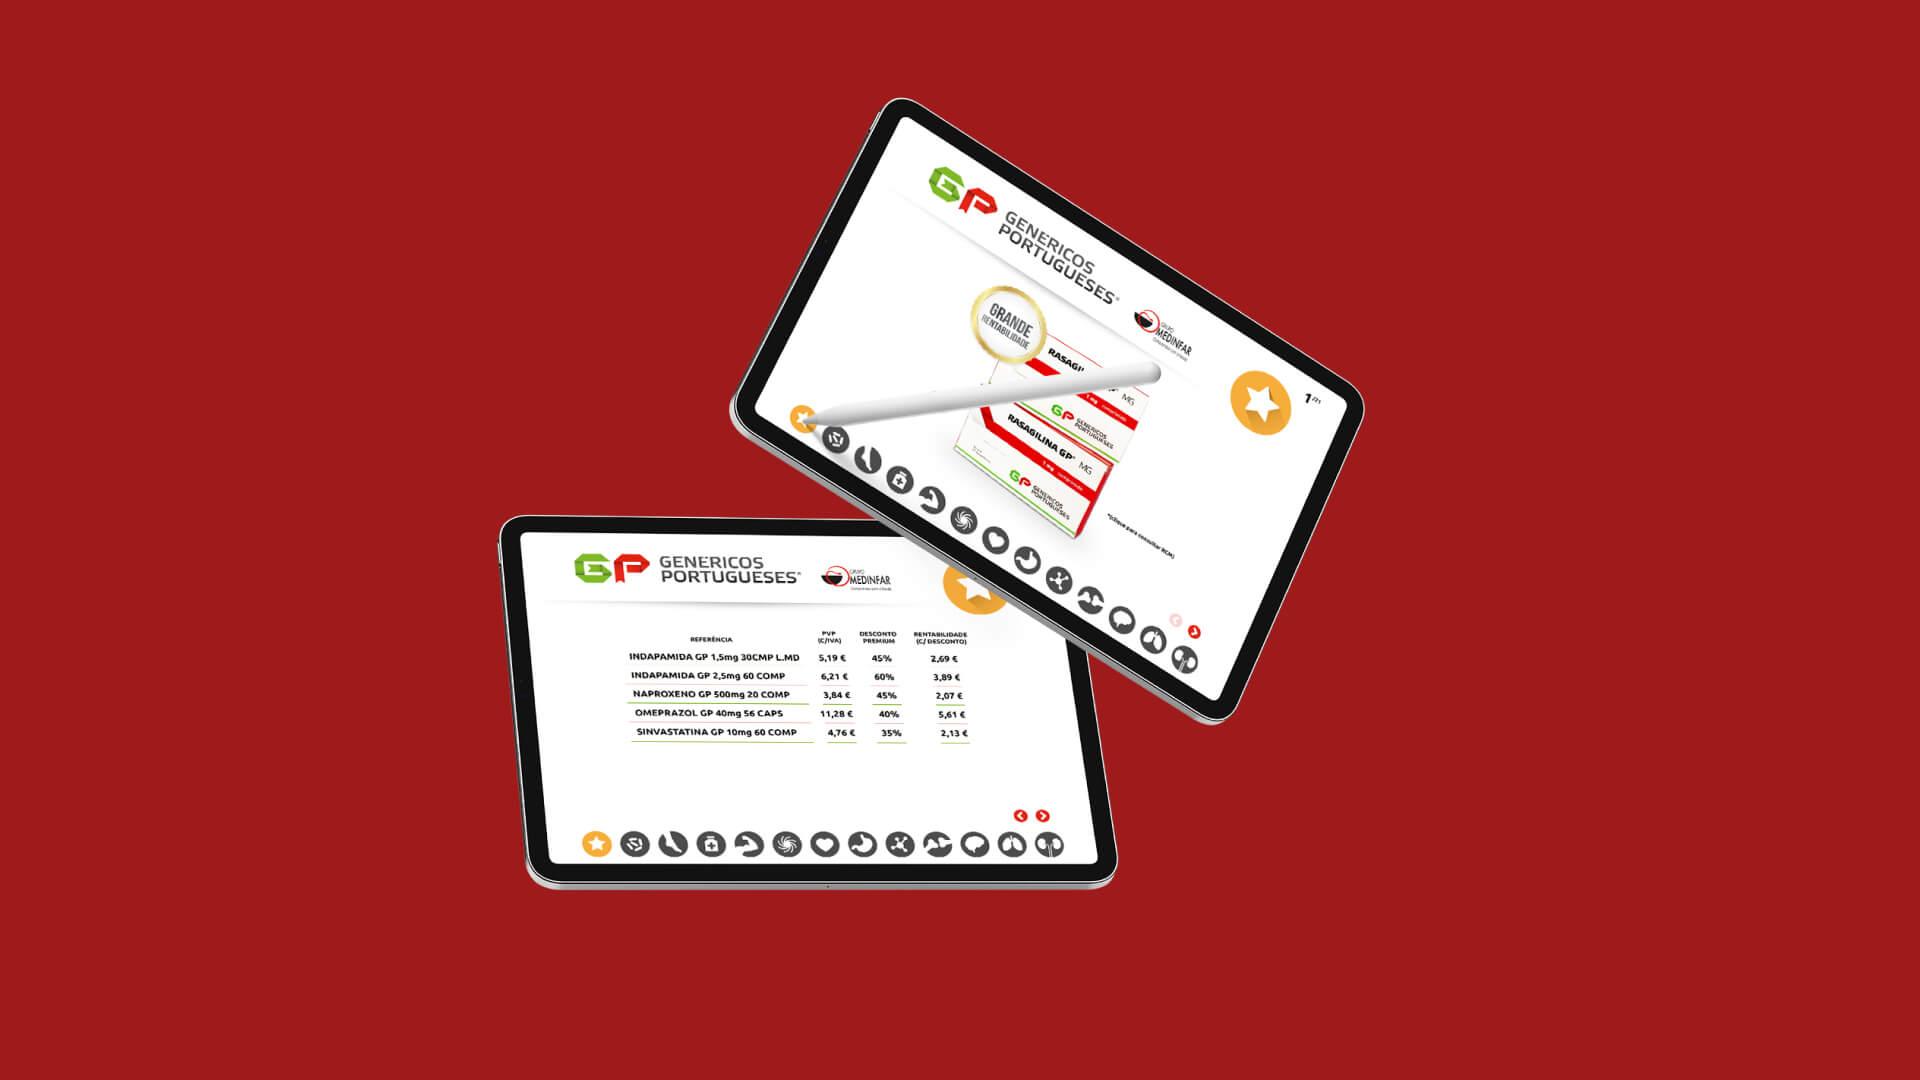 Mockup Genéricos Portugueses em Tablet